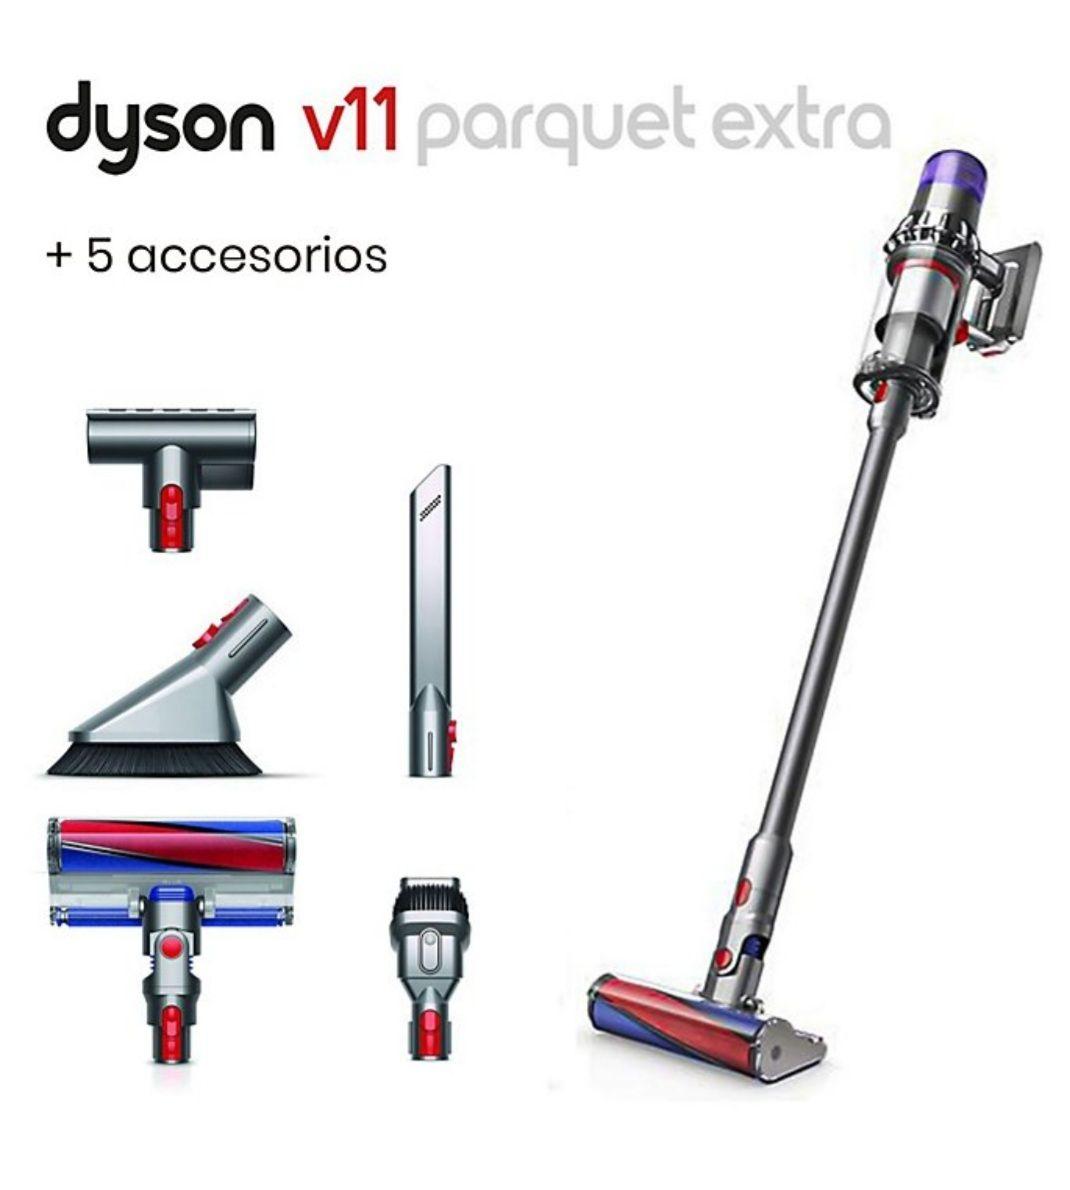 Dyson V11 Parque Extra con 5 Accesorios